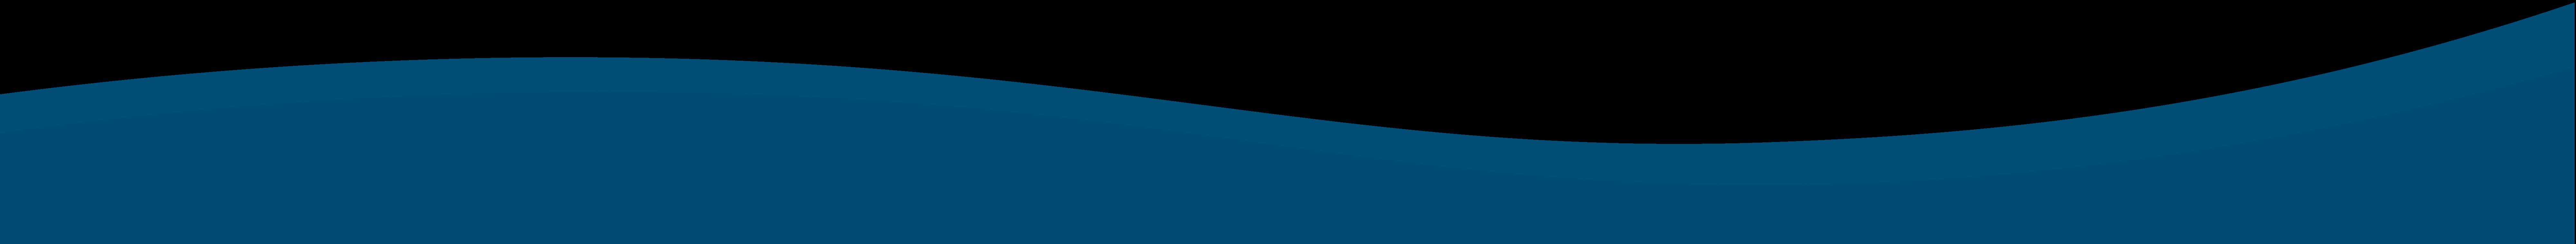 Sourcebreaker-wave-solid-navy (2) copy